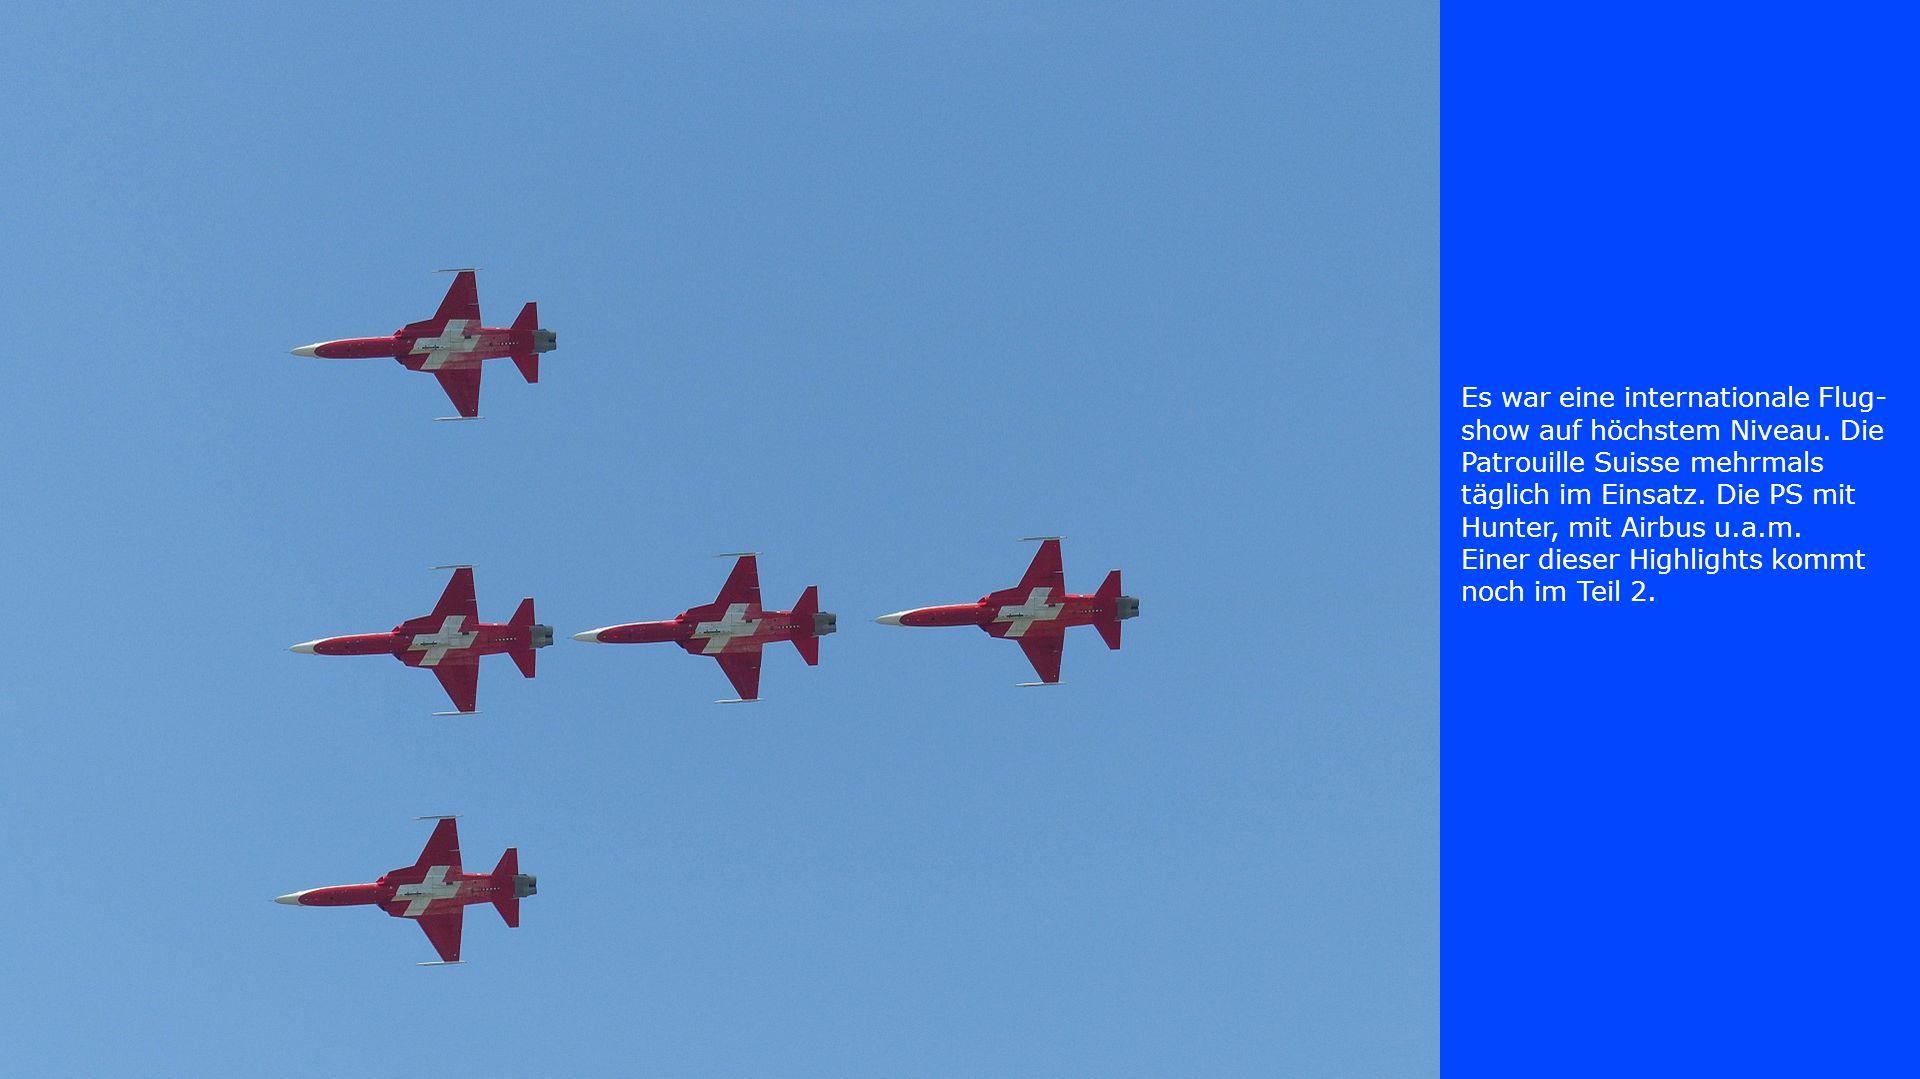 Es war eine internationale Flug- show auf höchstem Niveau. Die Patrouille Suisse mehrmals täglich im Einsatz. Die PS mit Hunter, mit Airbus u.a.m. Ein